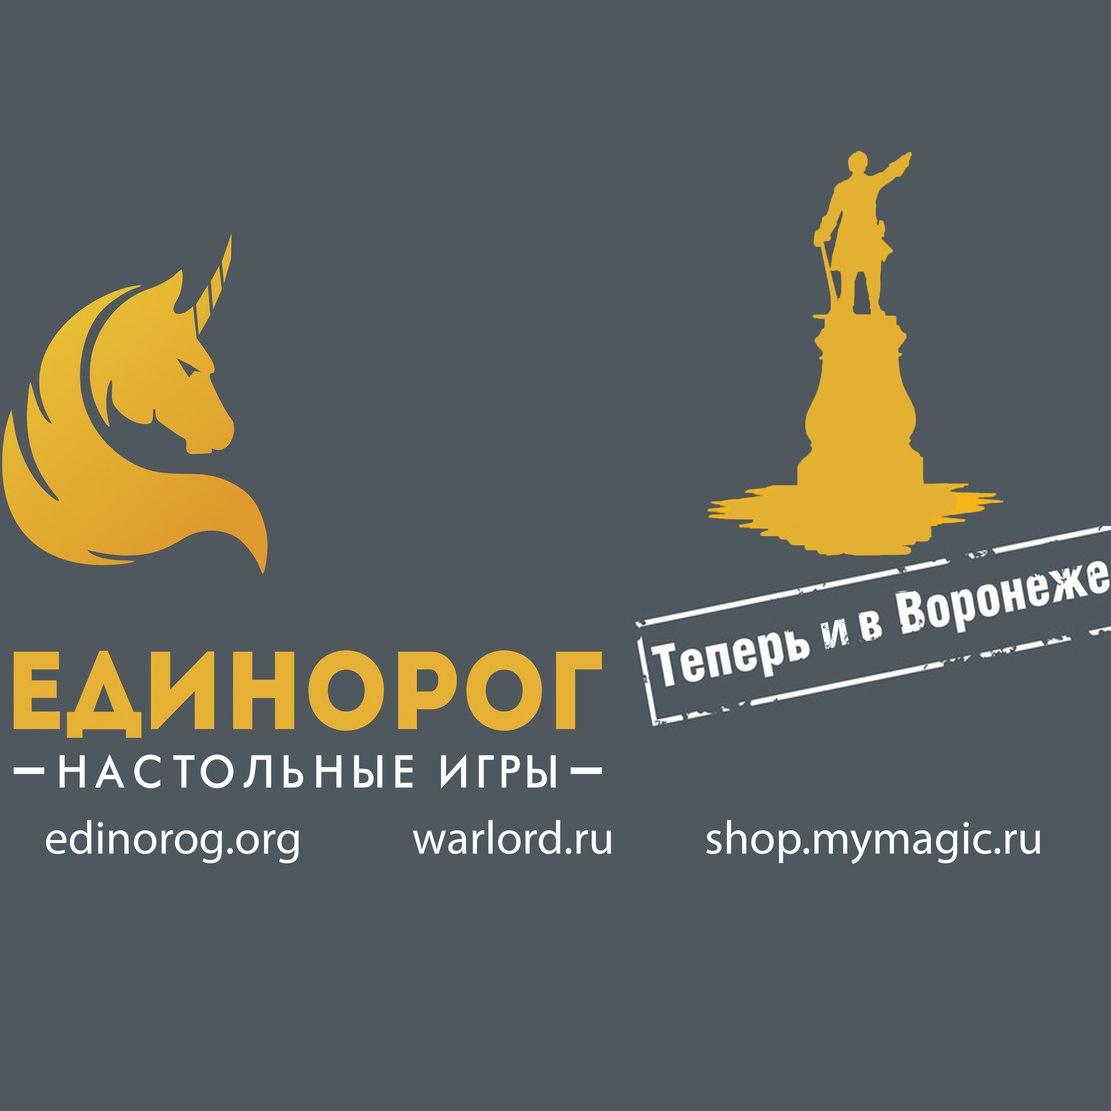 Единорог теперь и в Воронеже!